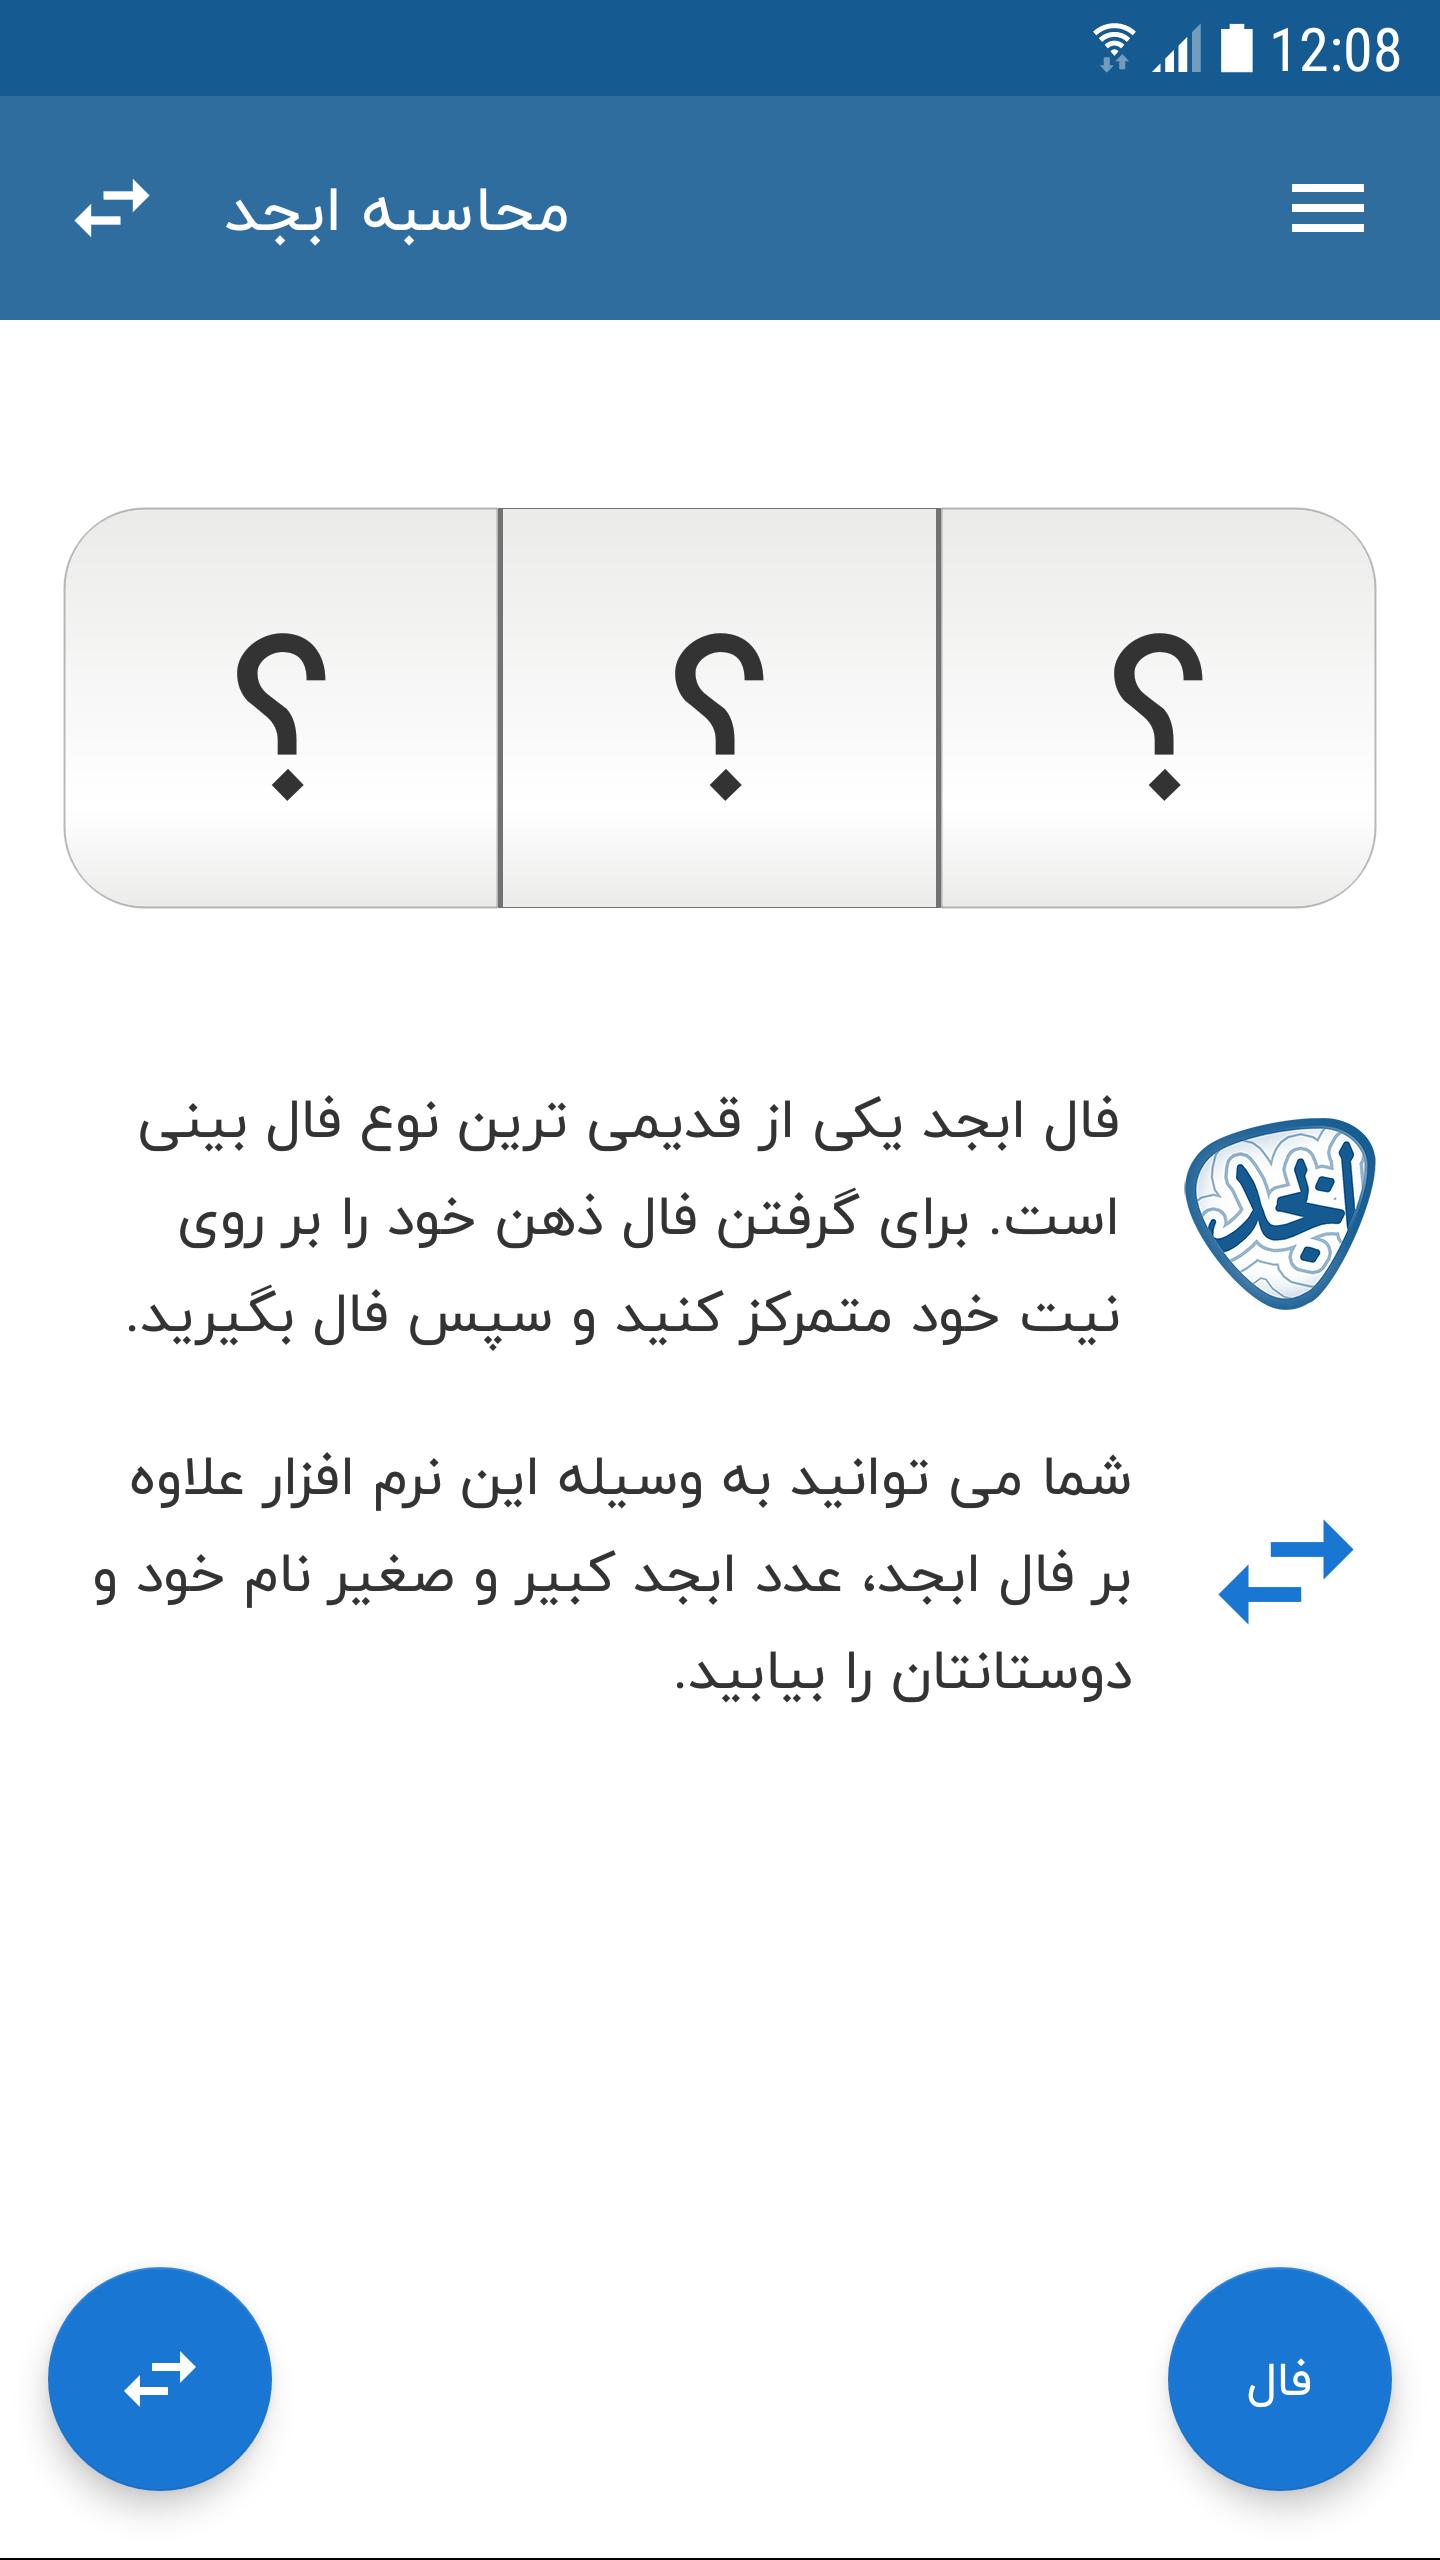 تصویر 2 فال ابجد + محاسبه ابجد